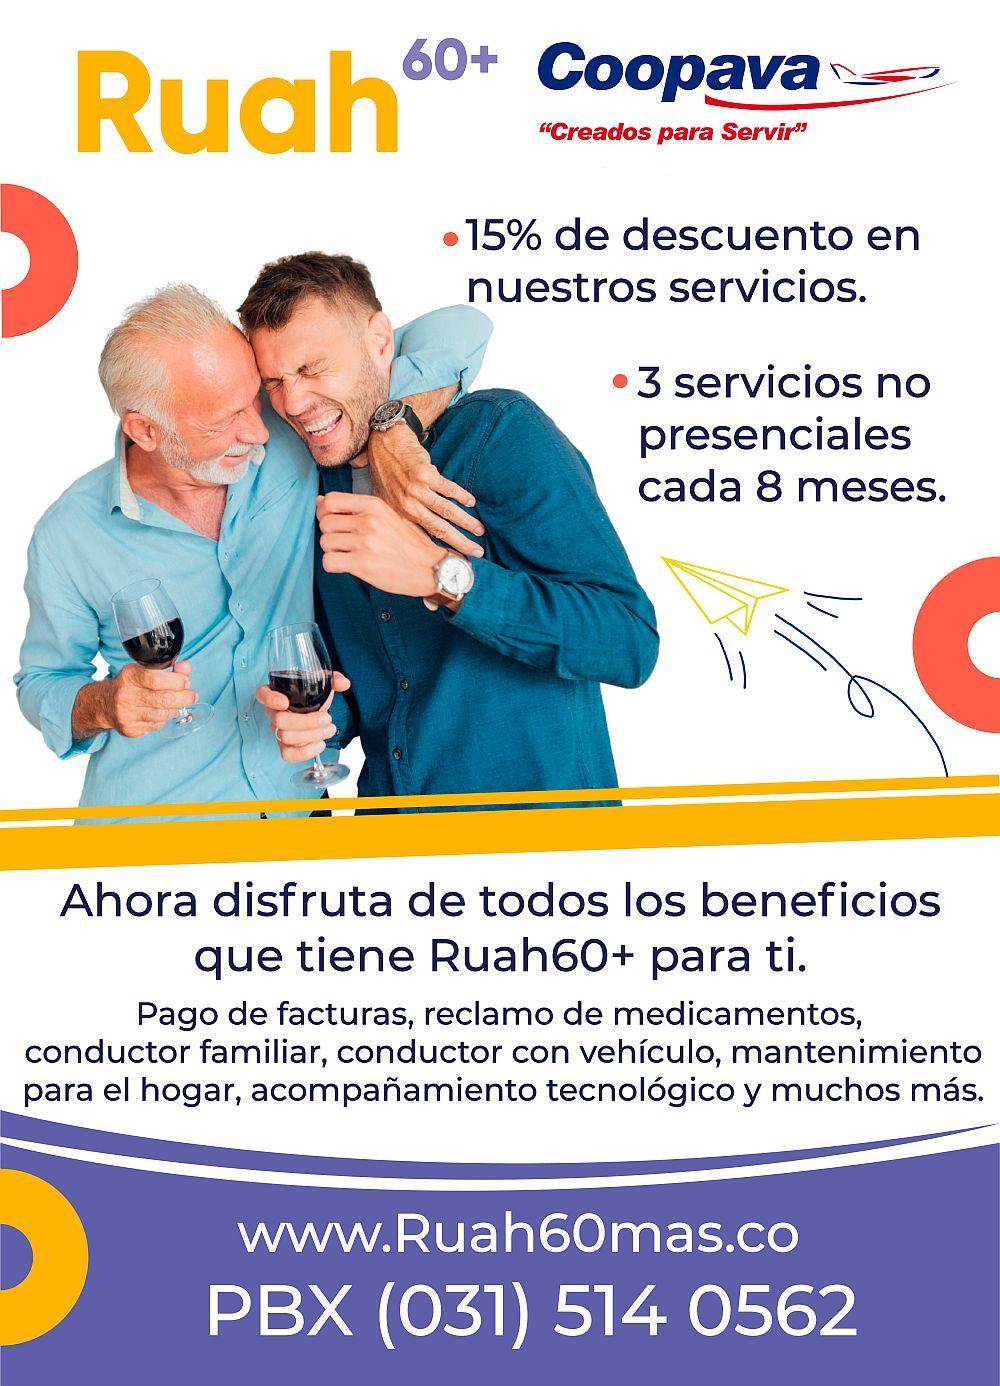 ruah Coopava Servicios.jpg (219 KB)